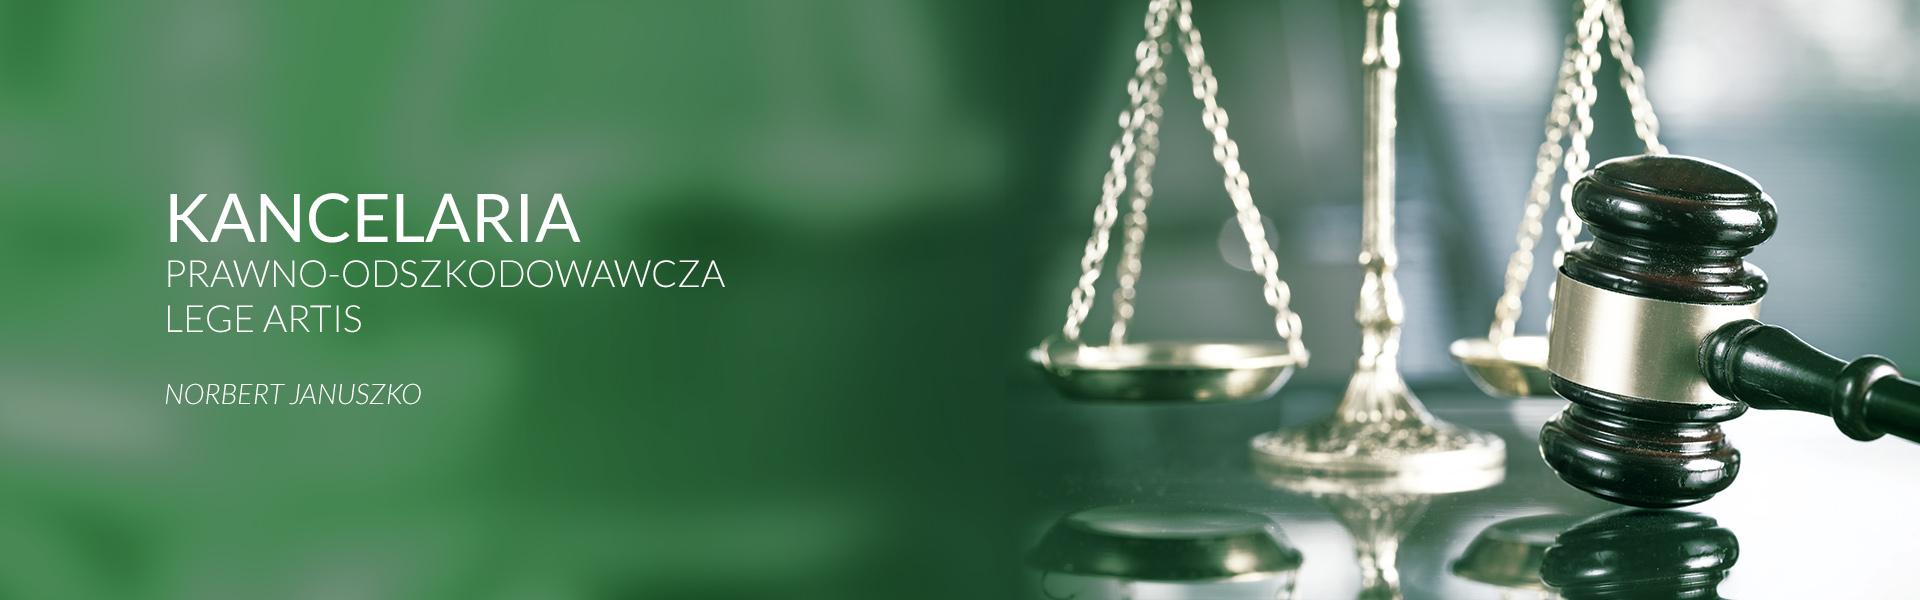 Kancelaria Prawno Odszkodowawcza LEGE ARTIS NORBERT JANUSZKO